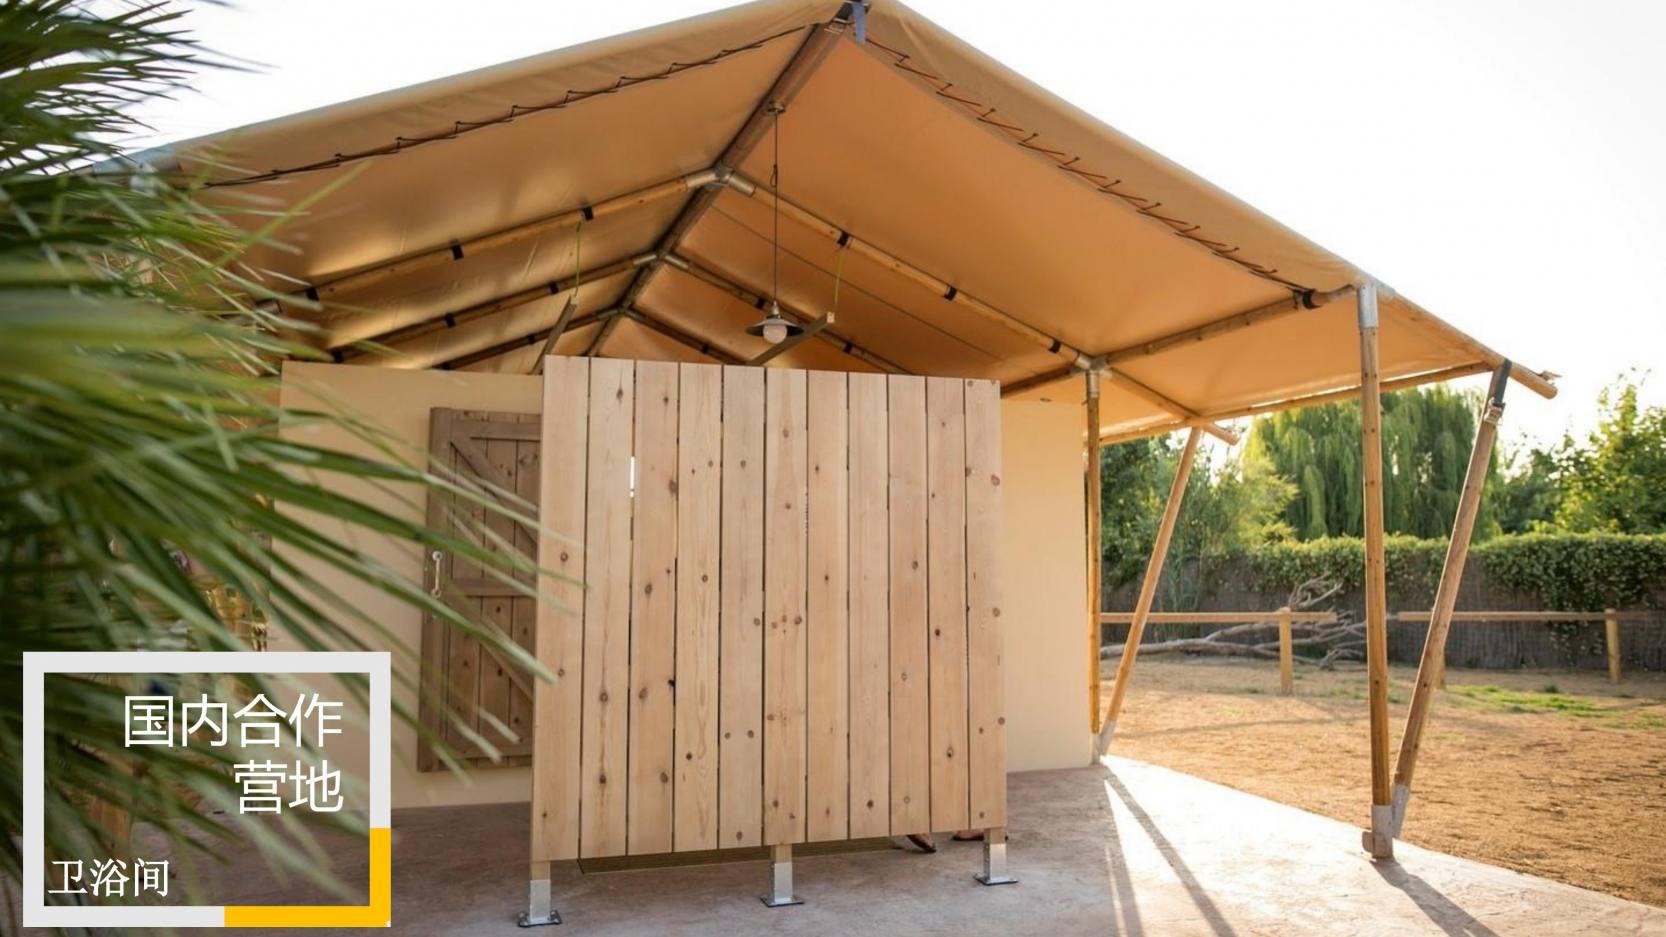 喜马拉雅野奢帐篷 (20)